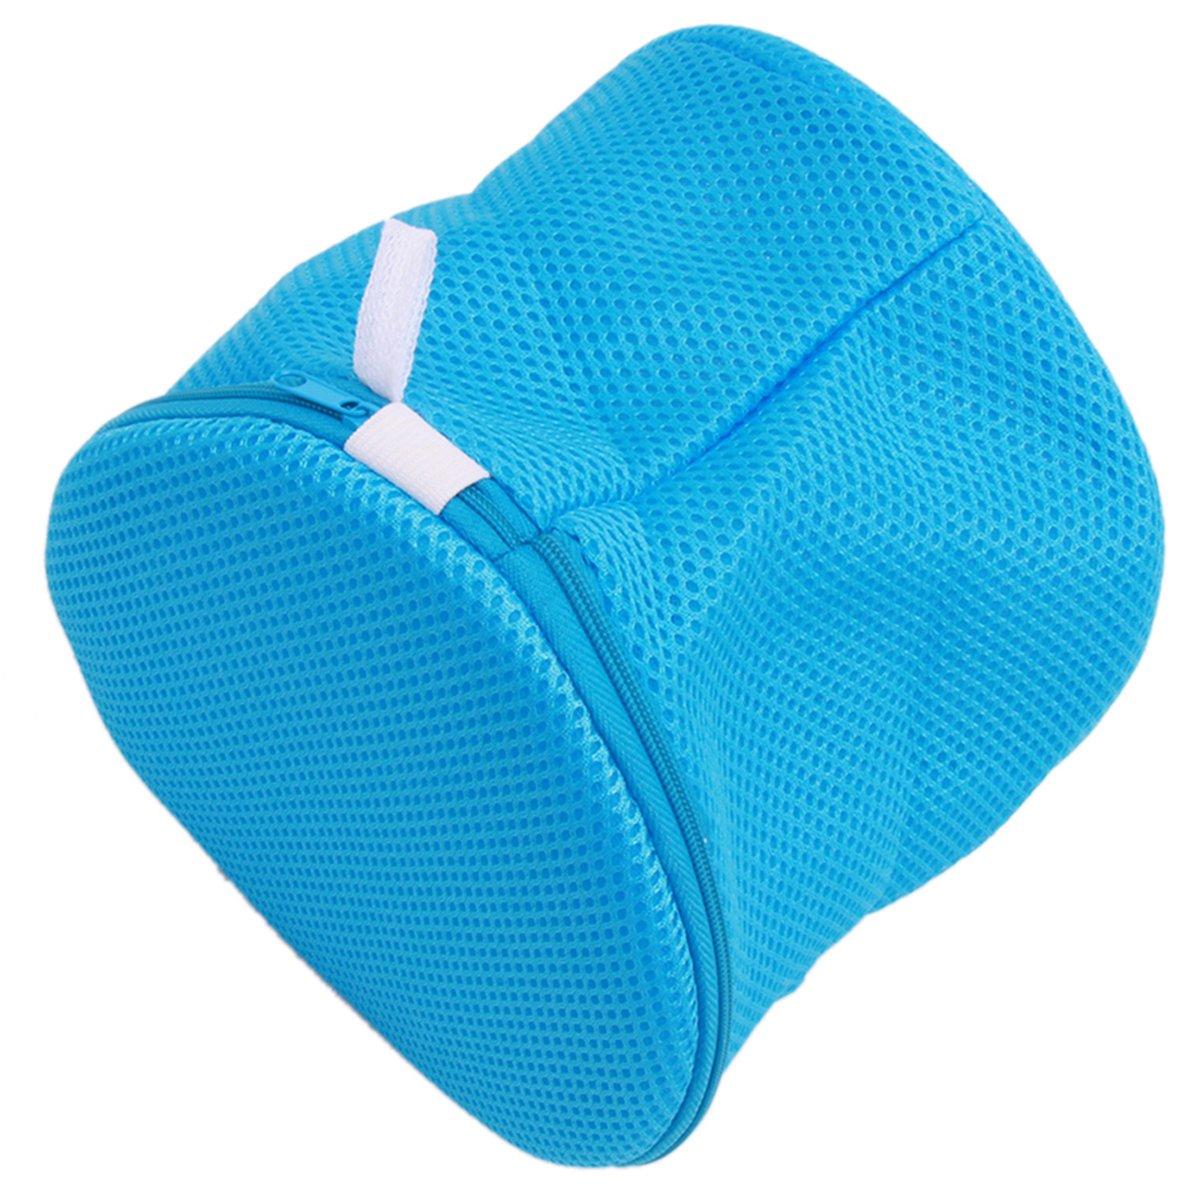 EJY azul bolsas para la colada, Mesh lavar bolsas, bolsas de blanchissage, Red de lavado de sujetador/Ropa interior o calcetines: Amazon.es: Hogar